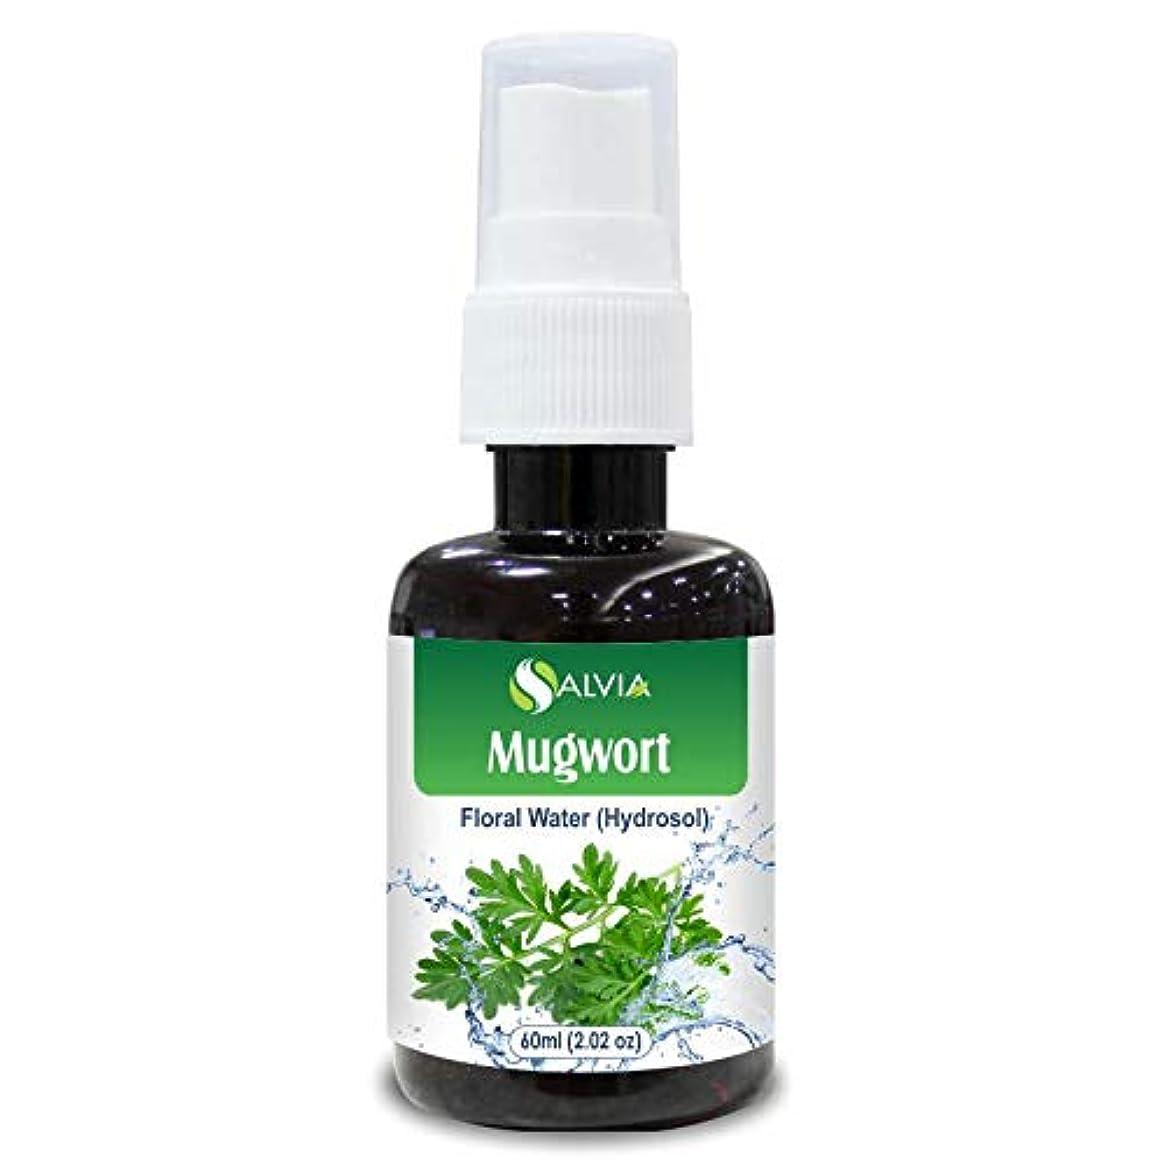 火曜日遺伝的不潔Mugwort Floral Water 60ml (Hydrosol) 100% Pure And Natural